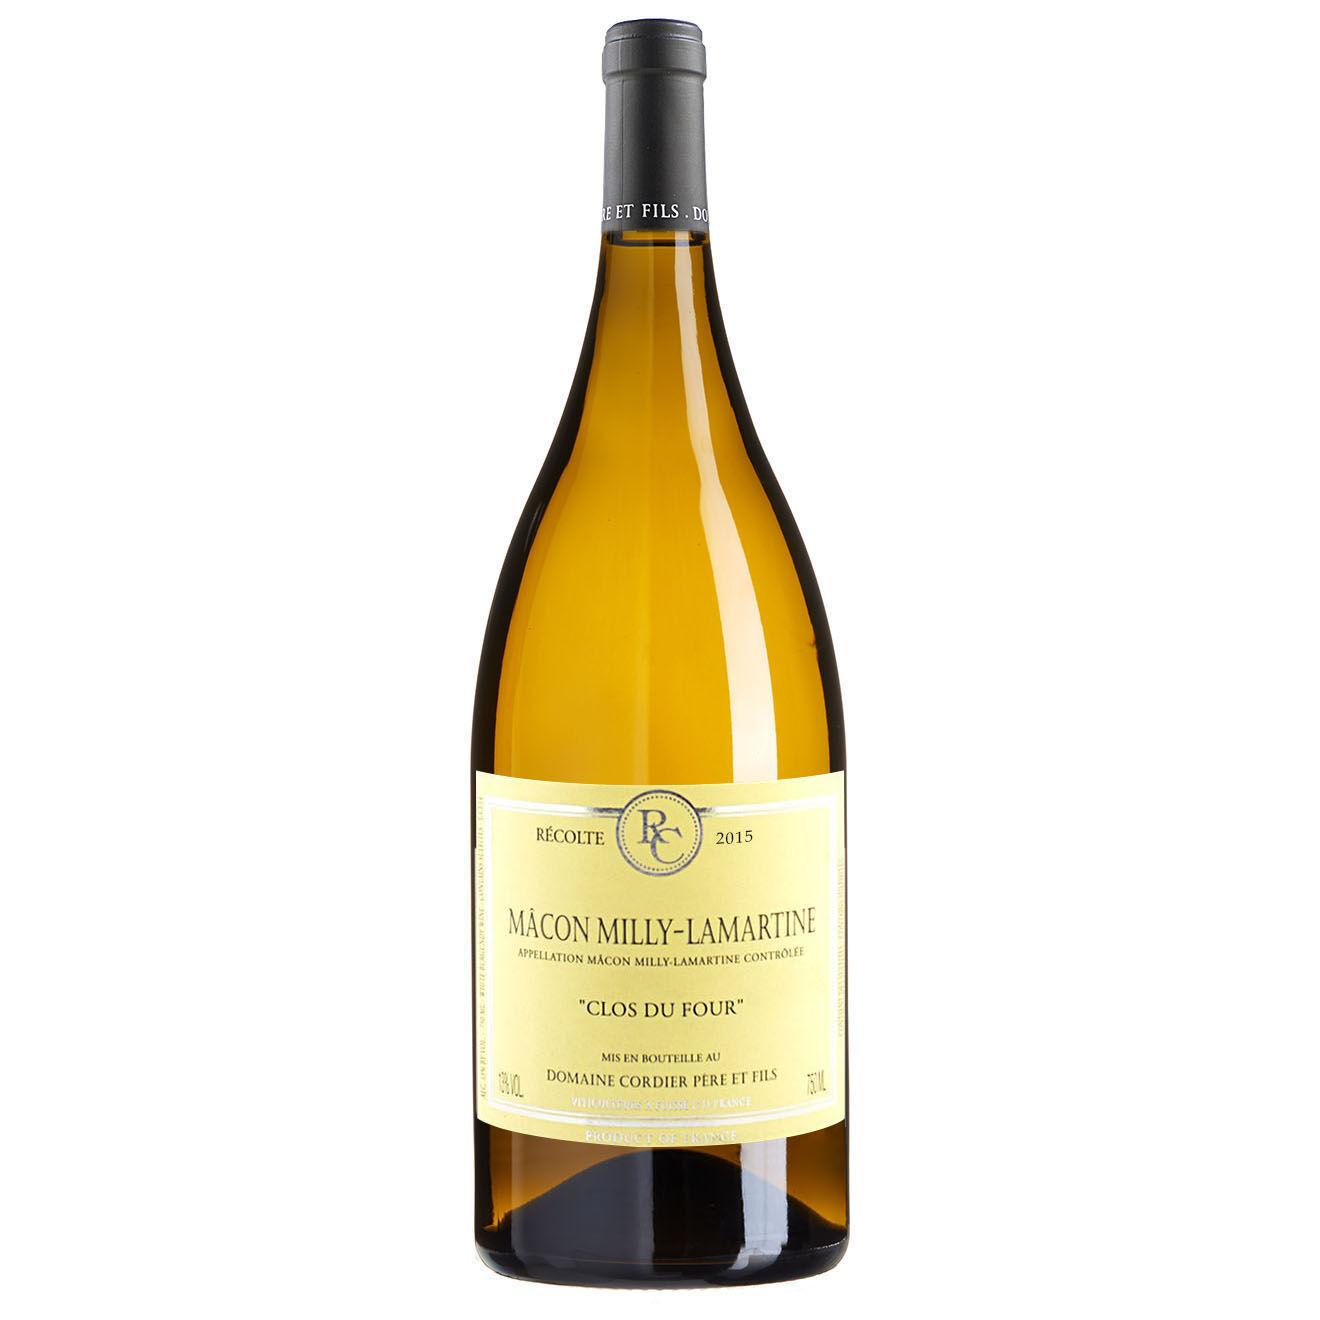 Bourgogne - 1 Magnum Mâcon-Milly-Lamartine Clos du Four 2015 Christophe Cordier 1.5L